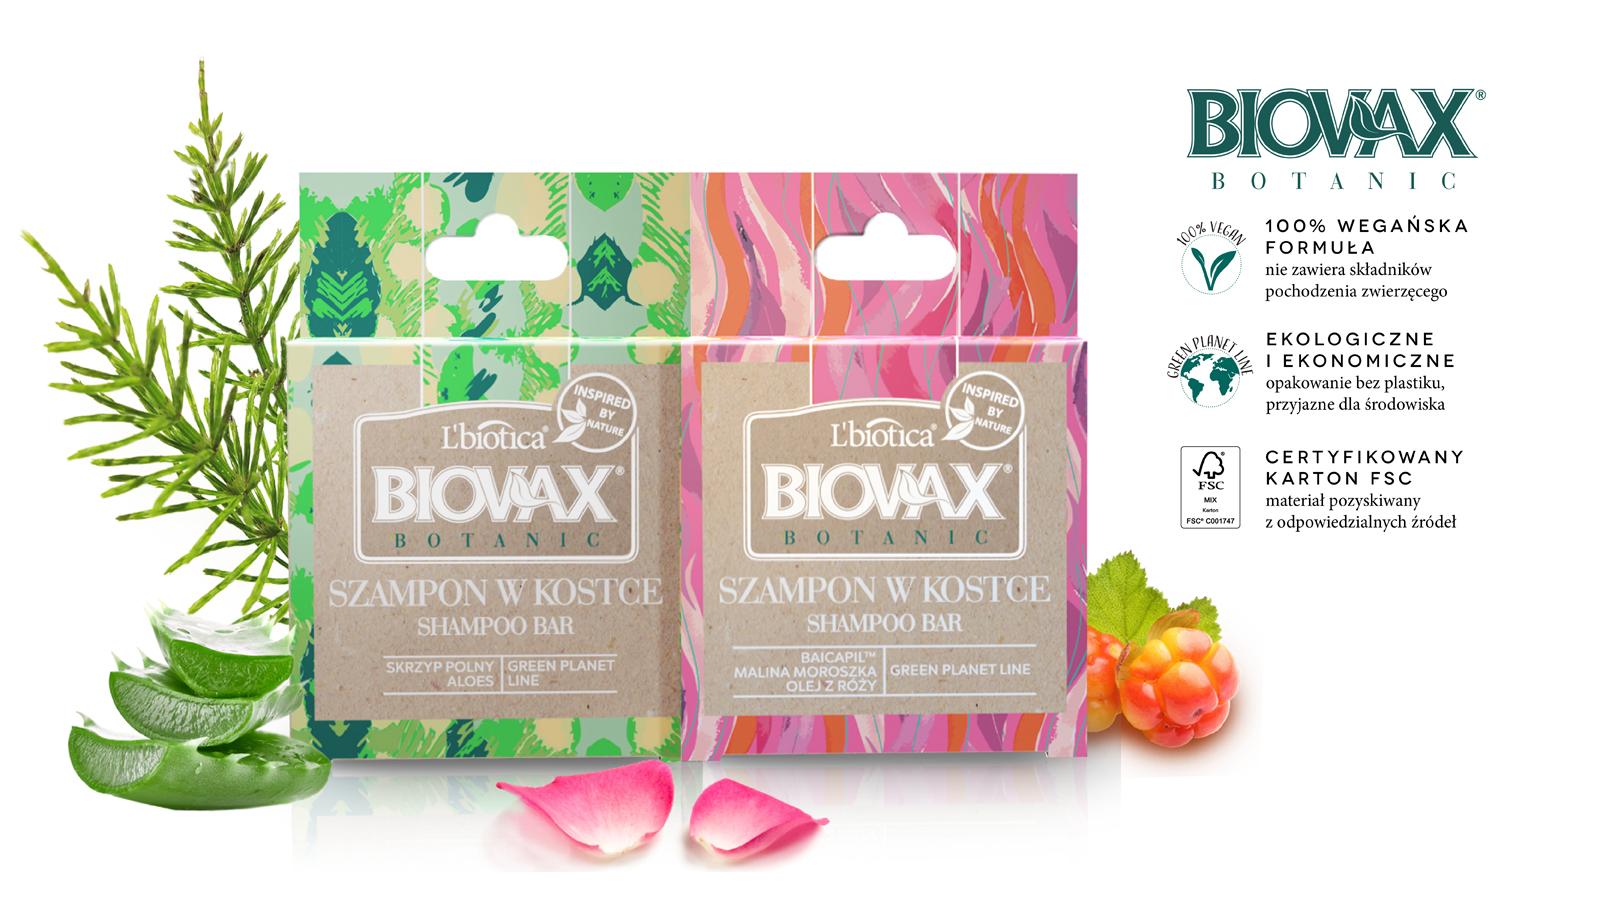 W trendzie zero waste – szampony w kostce Biovax Botanic